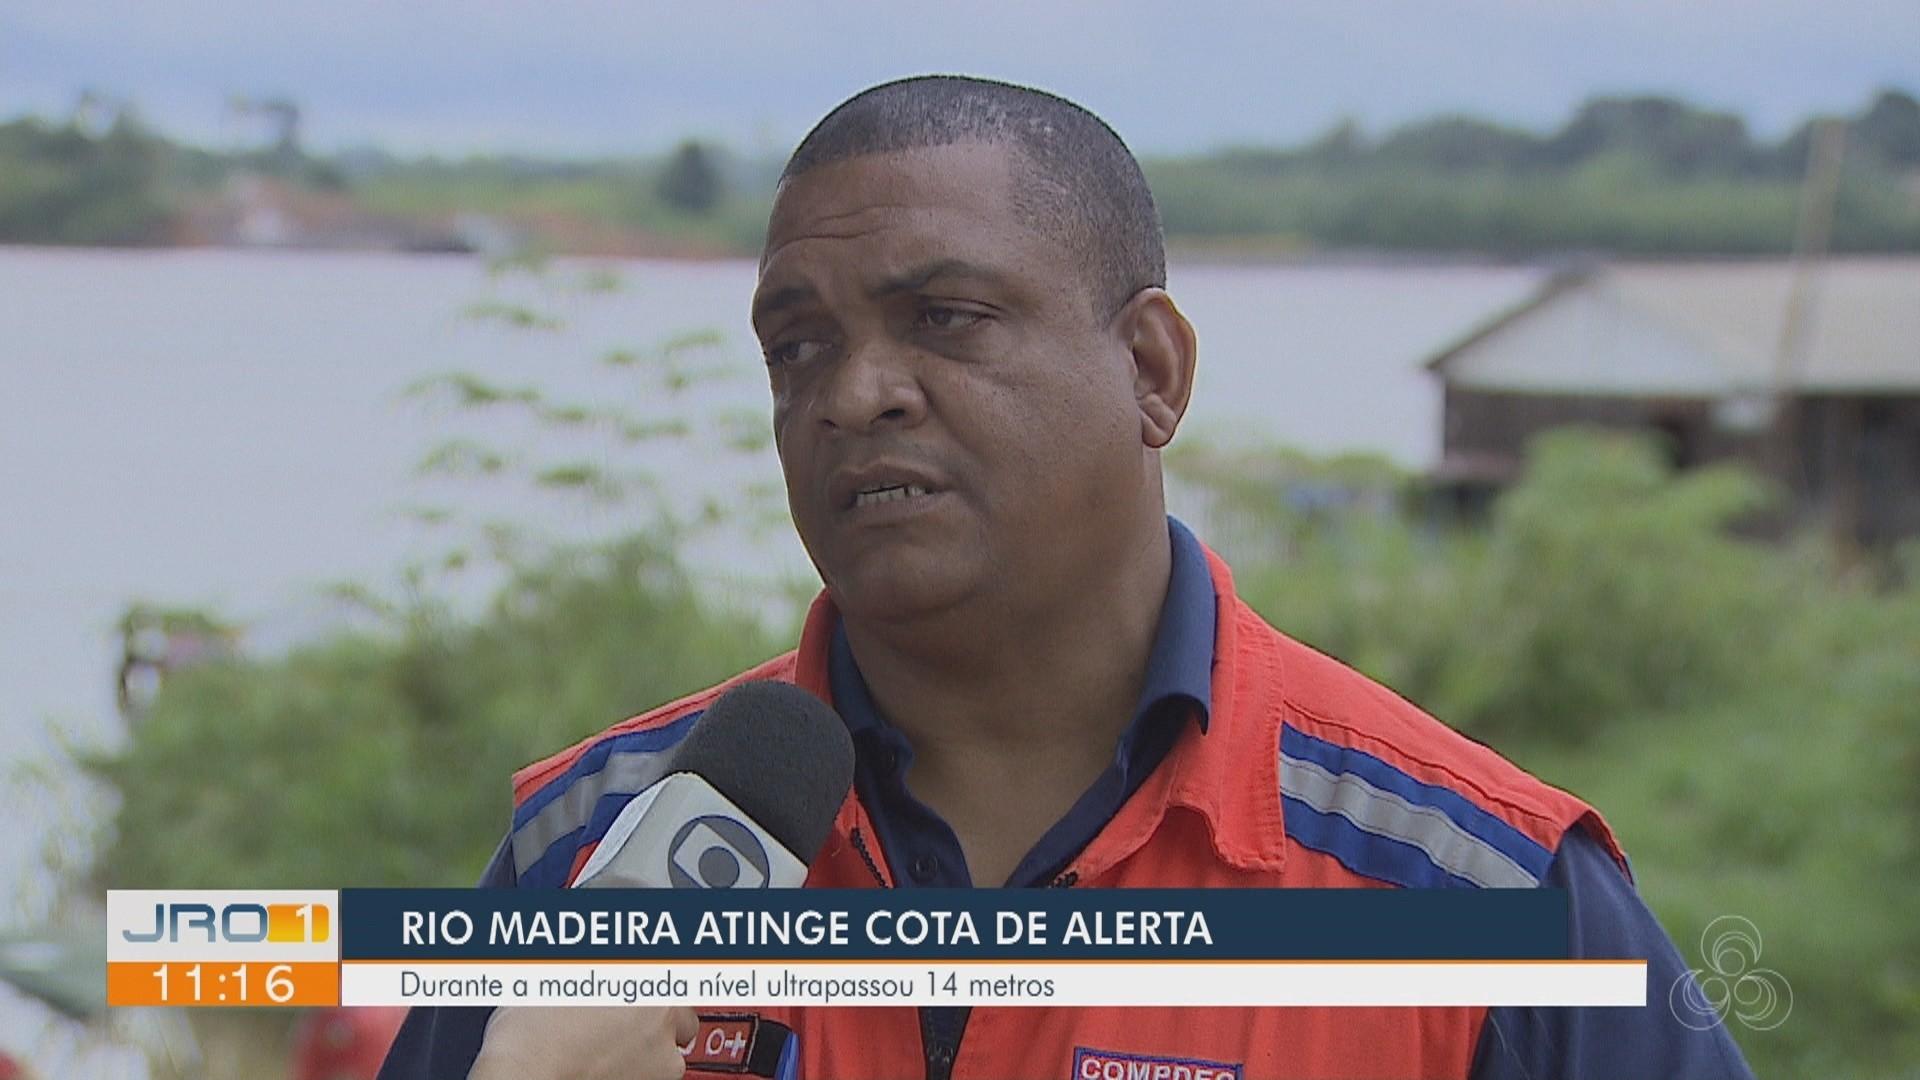 VÍDEOS: Jornal de Rondônia 1ª edição de sábado, 29 de dezembro